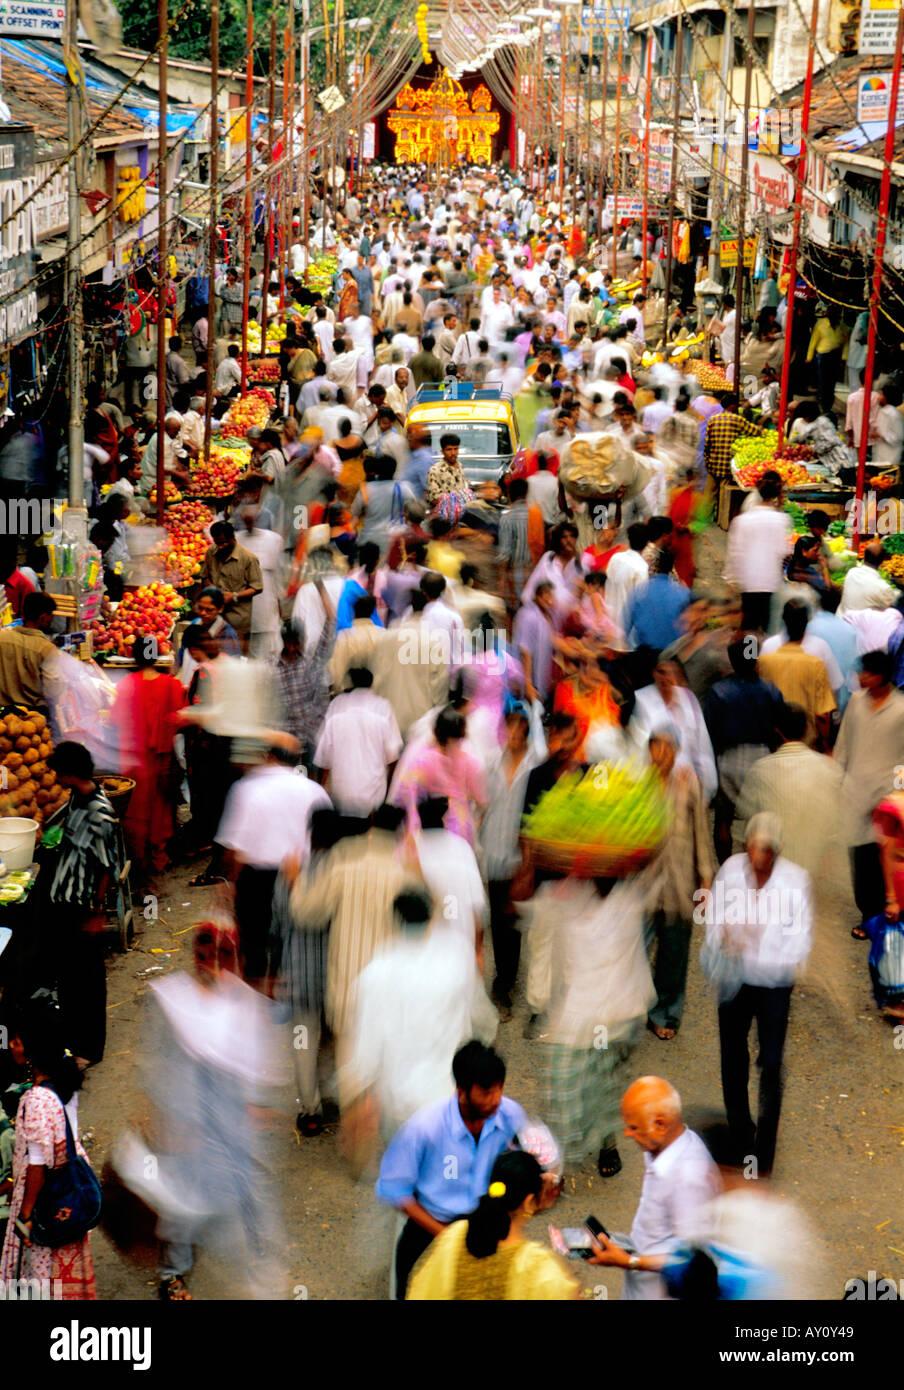 L'inimaginable buzz de l'ouest de la rue du marché Dadar Mumbai en ébullition la foule des acheteurs et des vendeurs. Banque D'Images